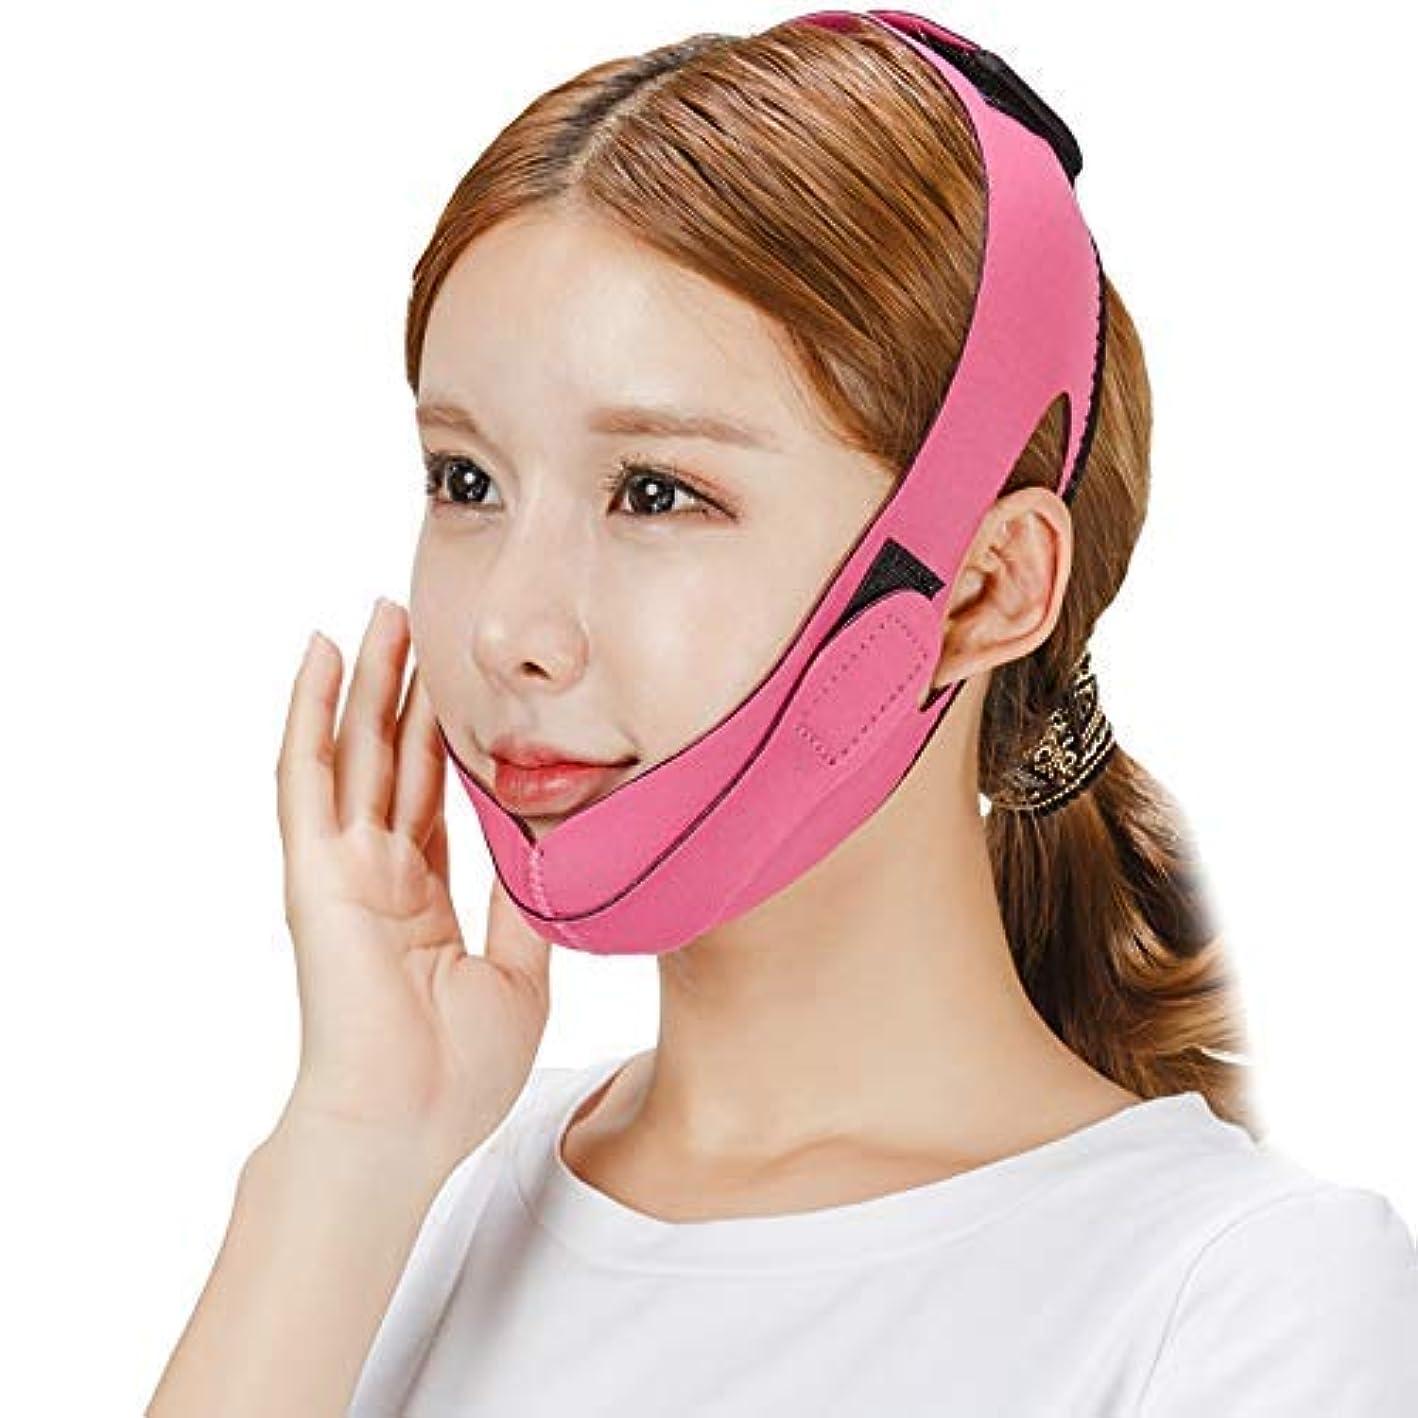 専門用語乙女声を出してHUYYA ファーミングストラップリフティングフェイスリフティング包帯、フェイスマスク ダブルチンヘルスケア V字ベルト補正ベルトスキンケアチン,Pink_X-Large